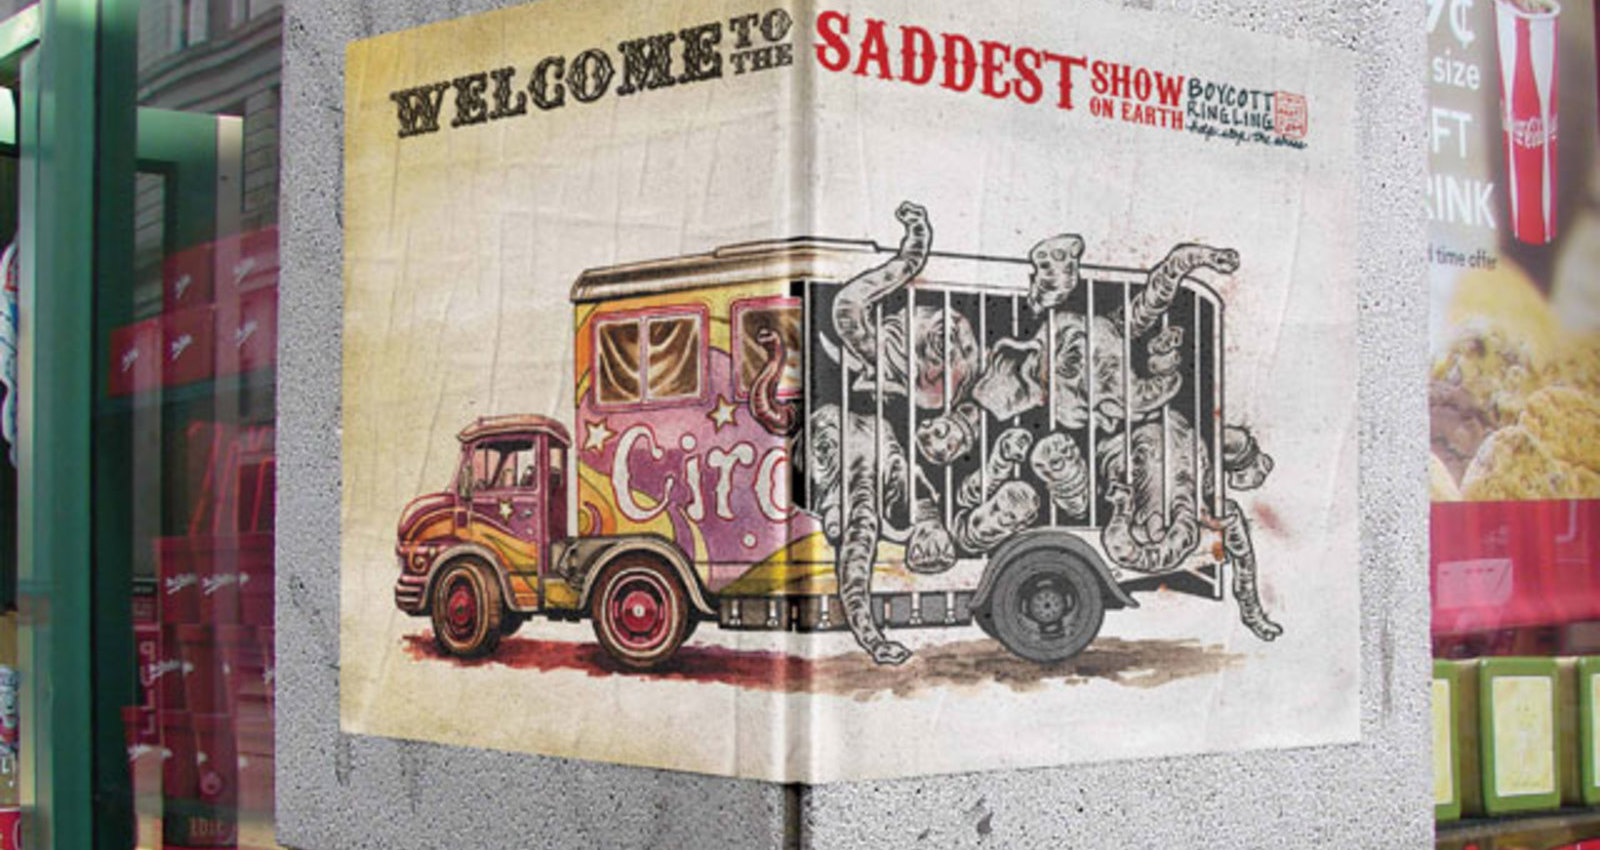 Saddest Show on Earth